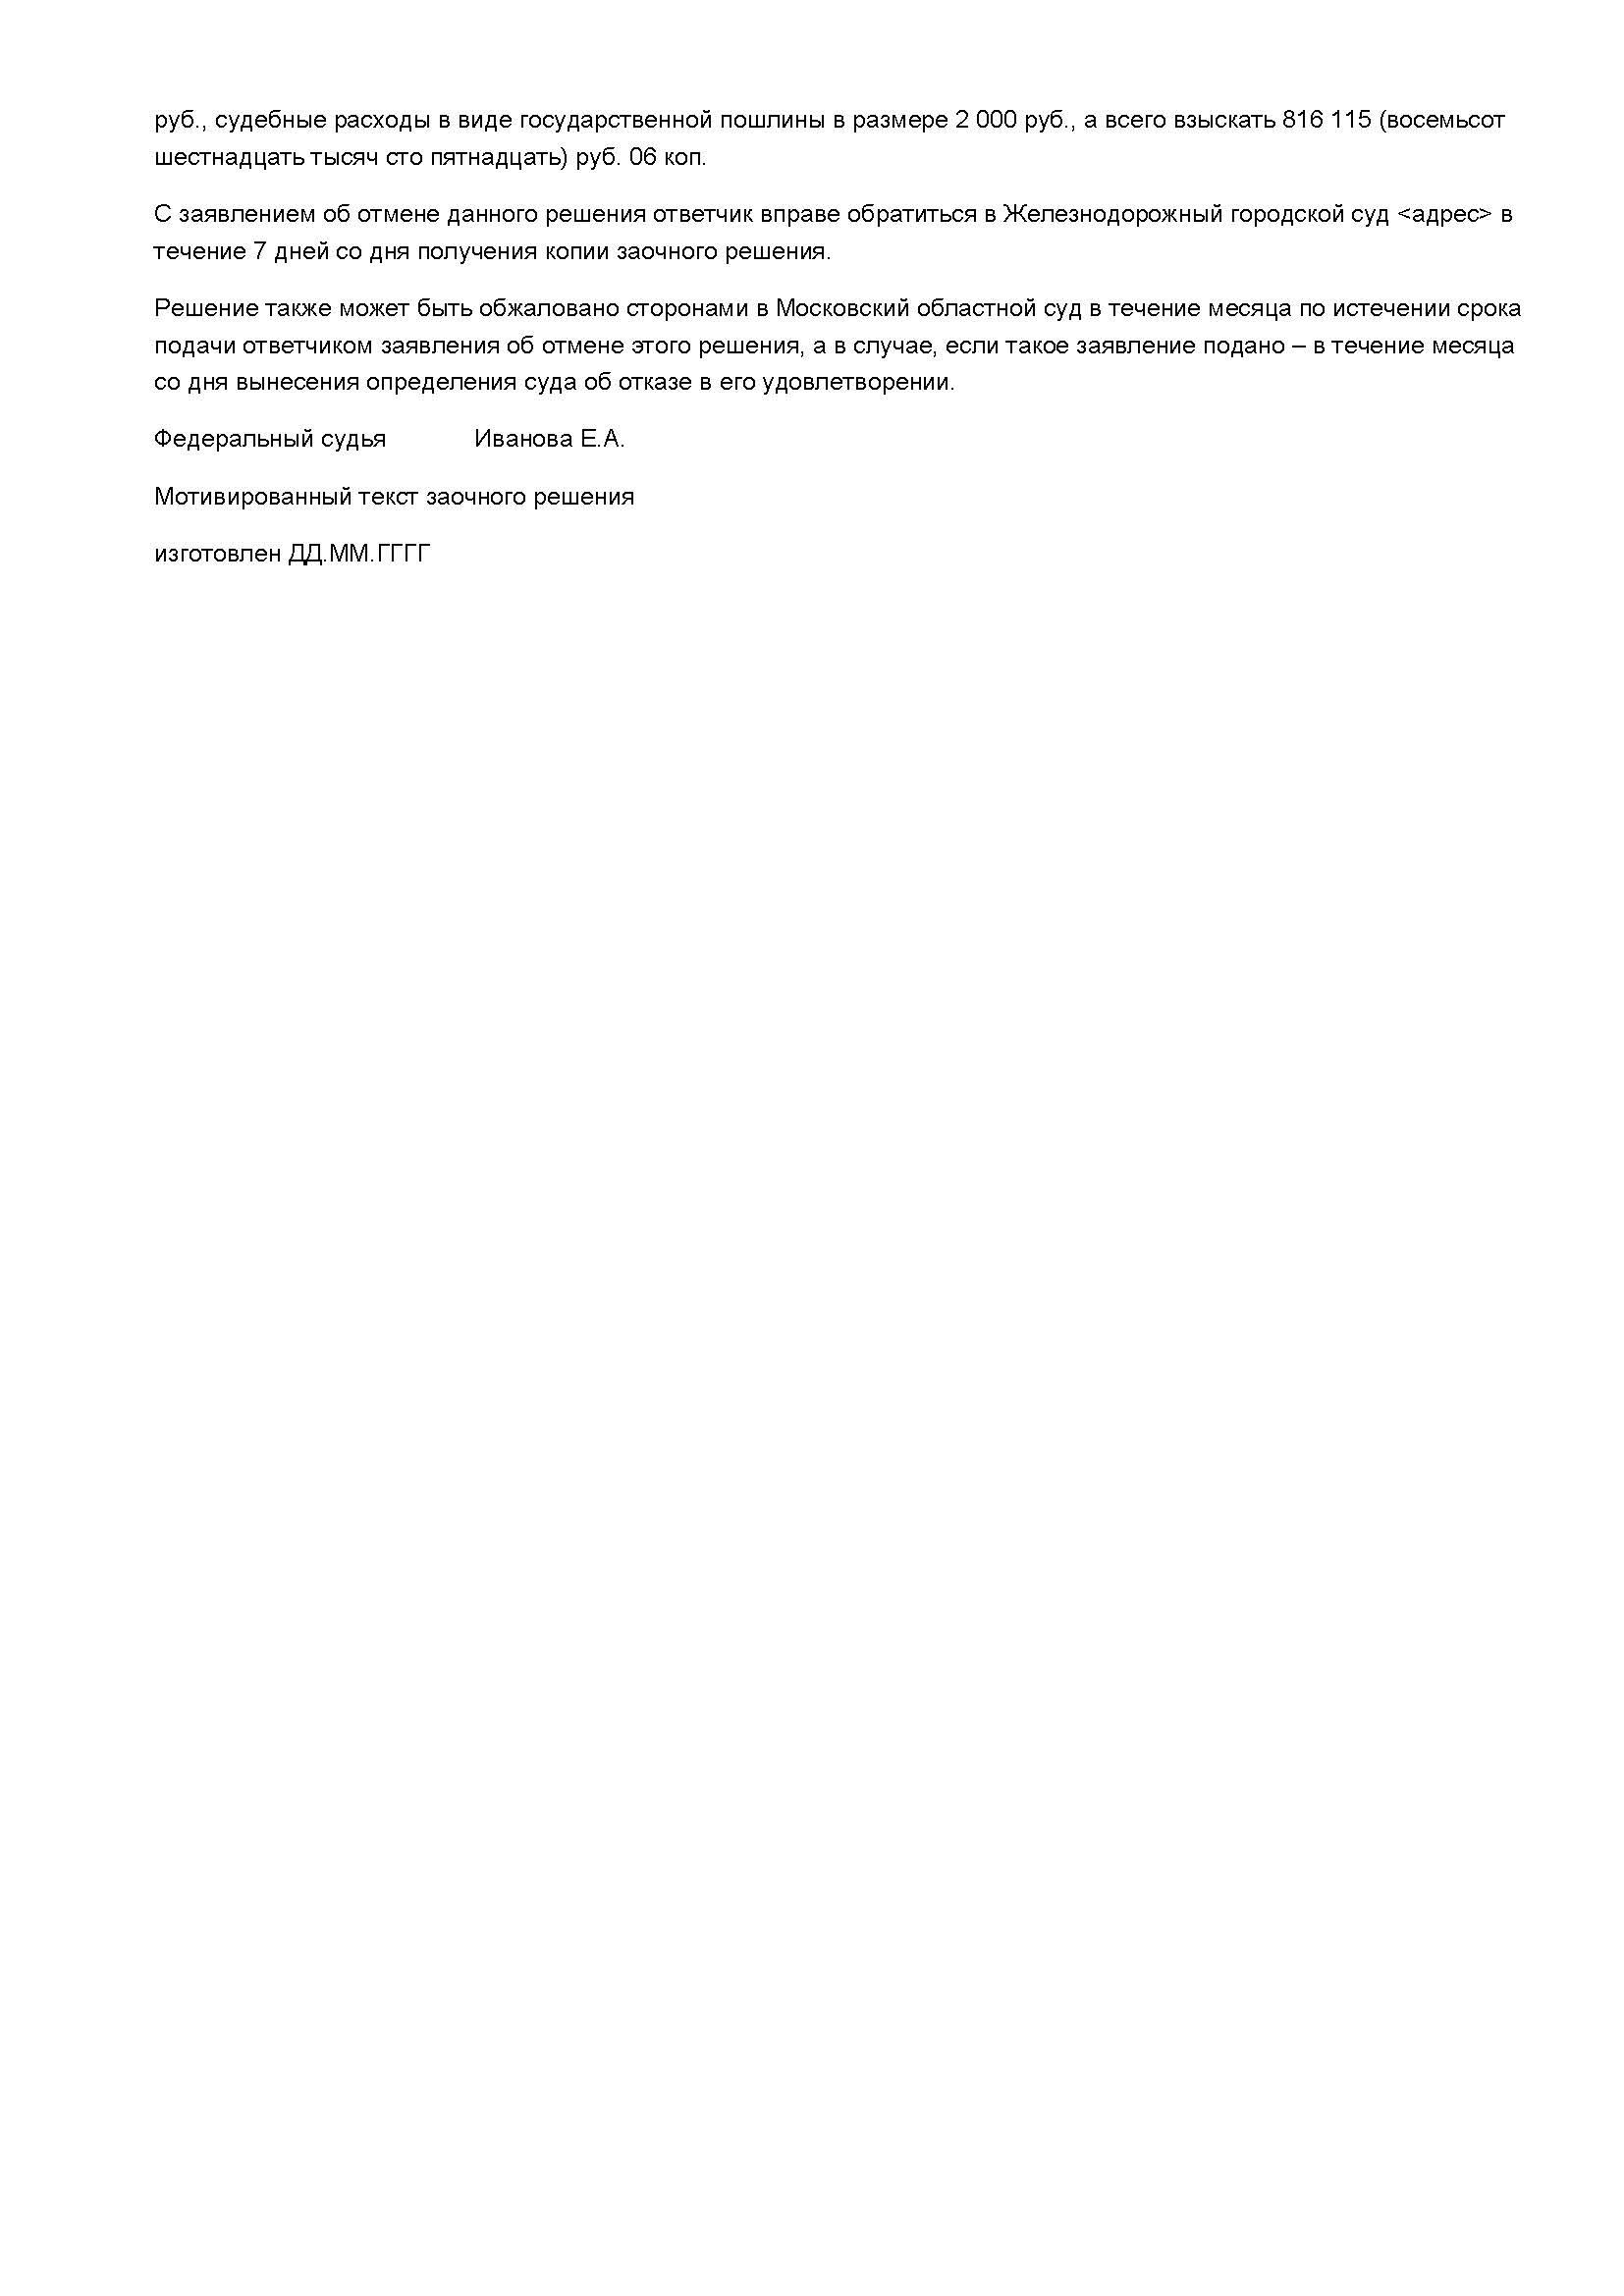 Банкротство физических лиц судебная практика  first thumb